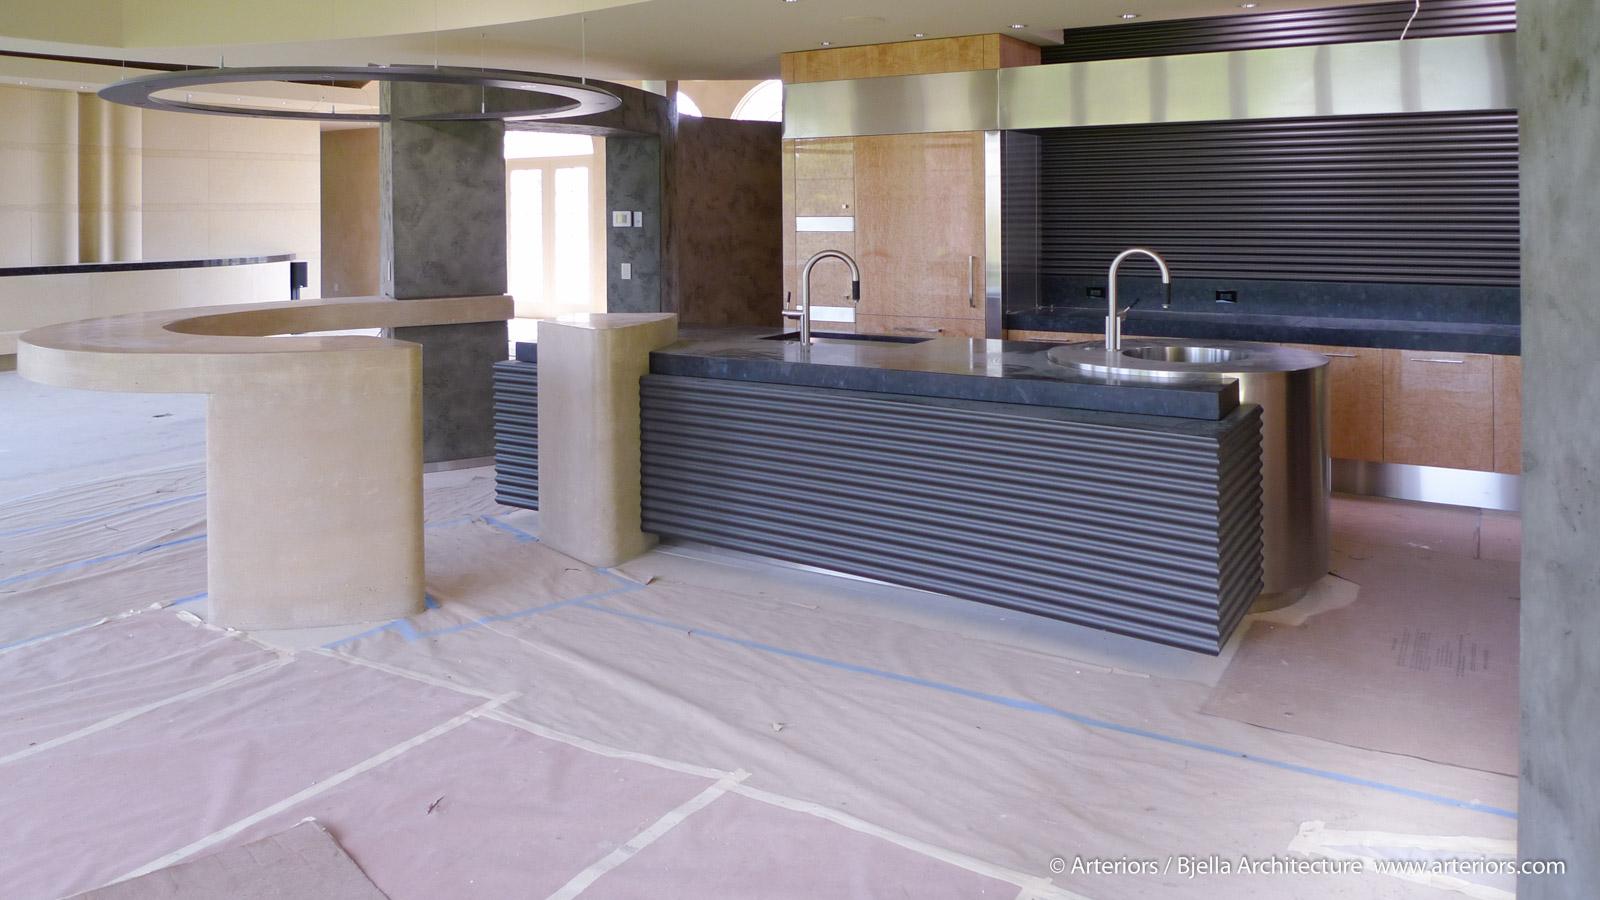 James Bond Kitchen - Construction Images-2